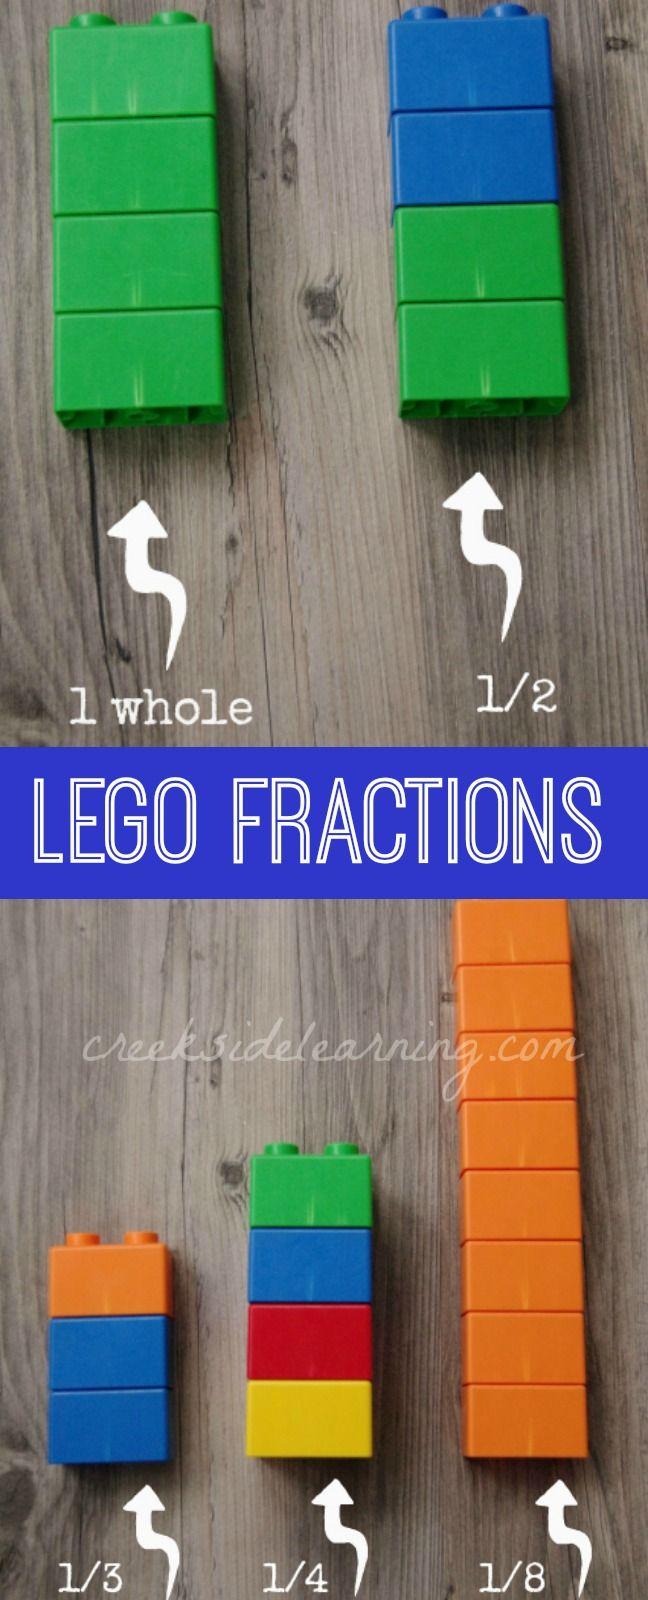 LEGO Fractions for Kindergarten and Preschool.